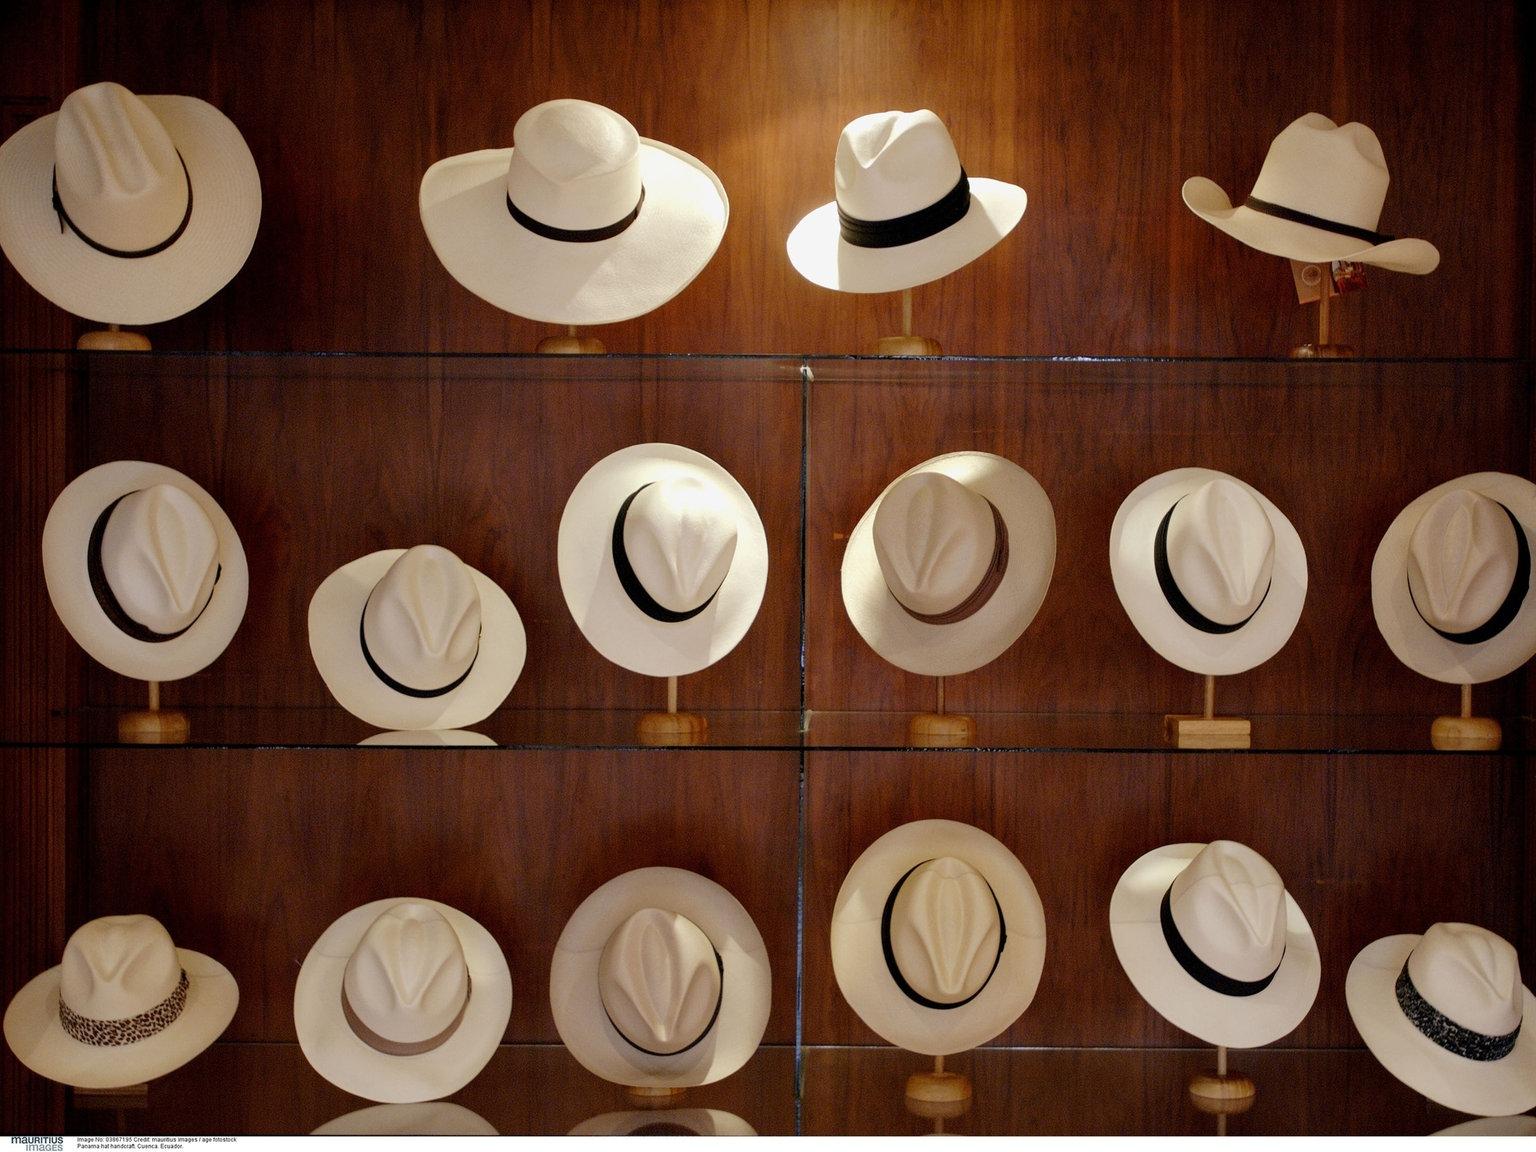 Für männer kopfbedeckungen religiöse Religiöse Kopfbedeckungen